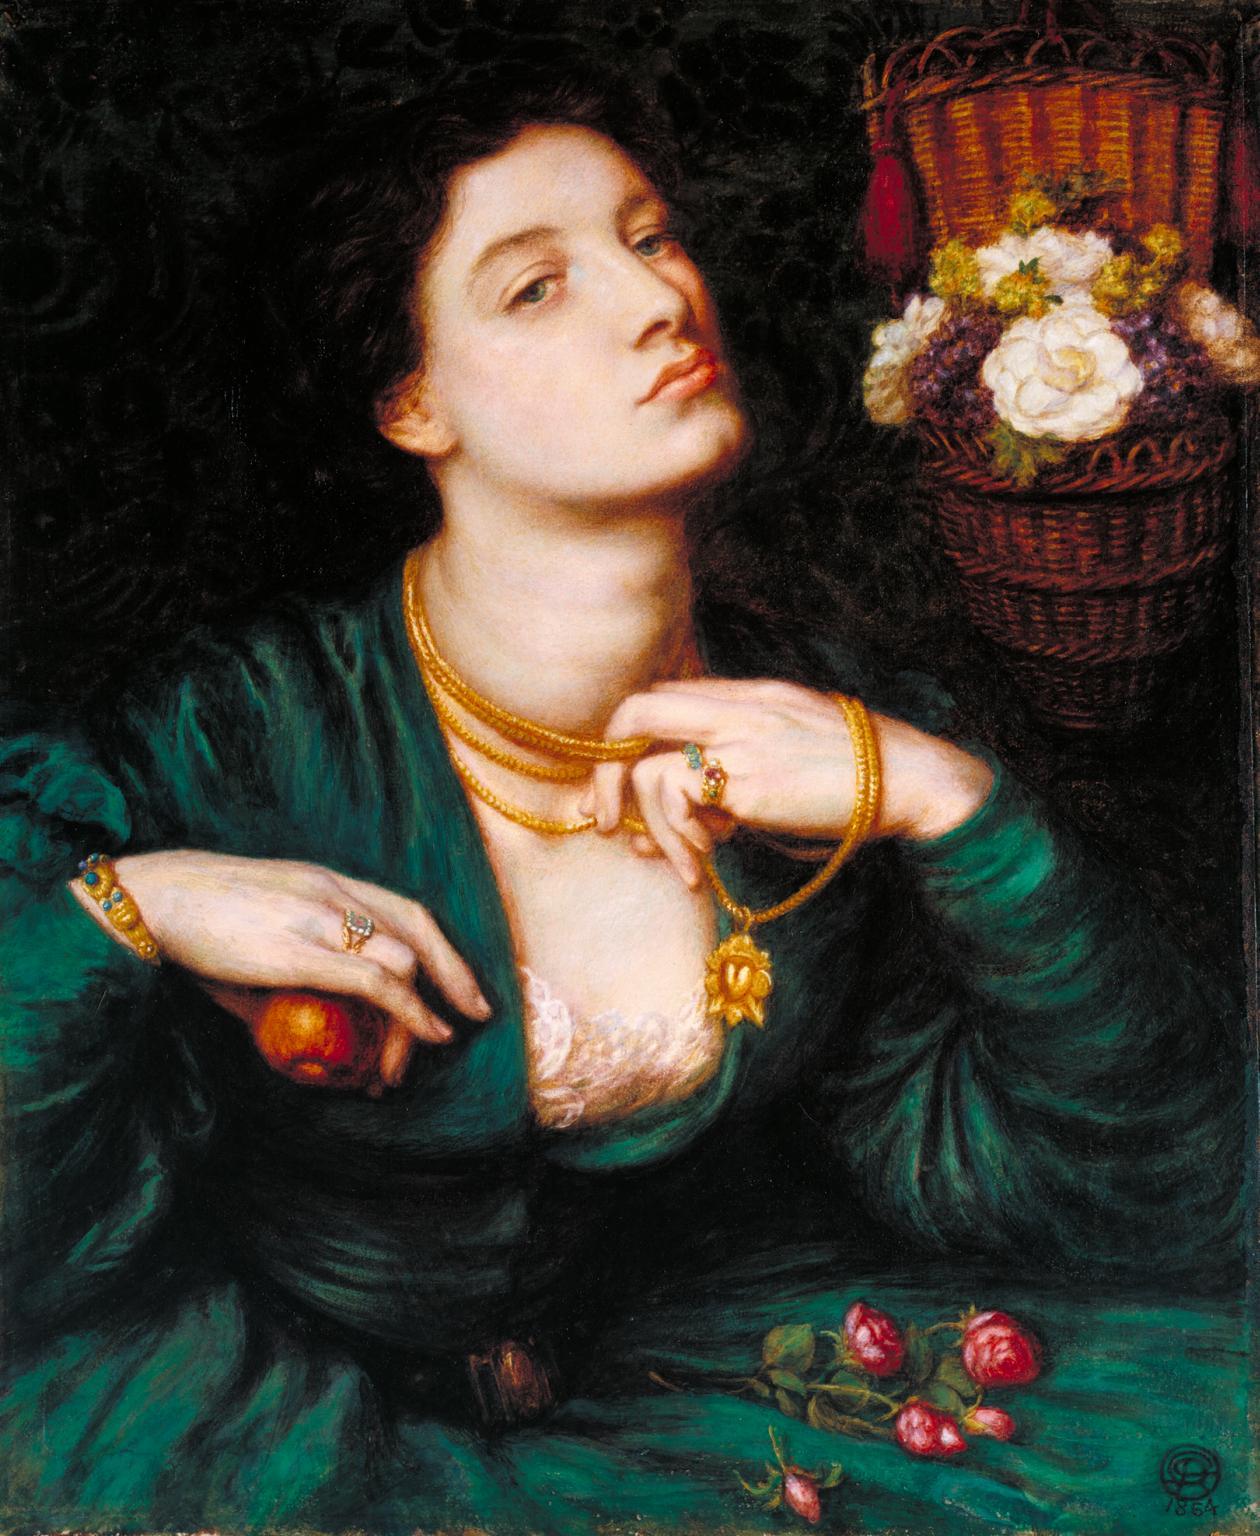 Dante Gabriel Rossetti, Monna Pomona (1864; acquerello e gomma arabica su carta, 47,6 x 39,3 cm; Londra, Tate Britain)